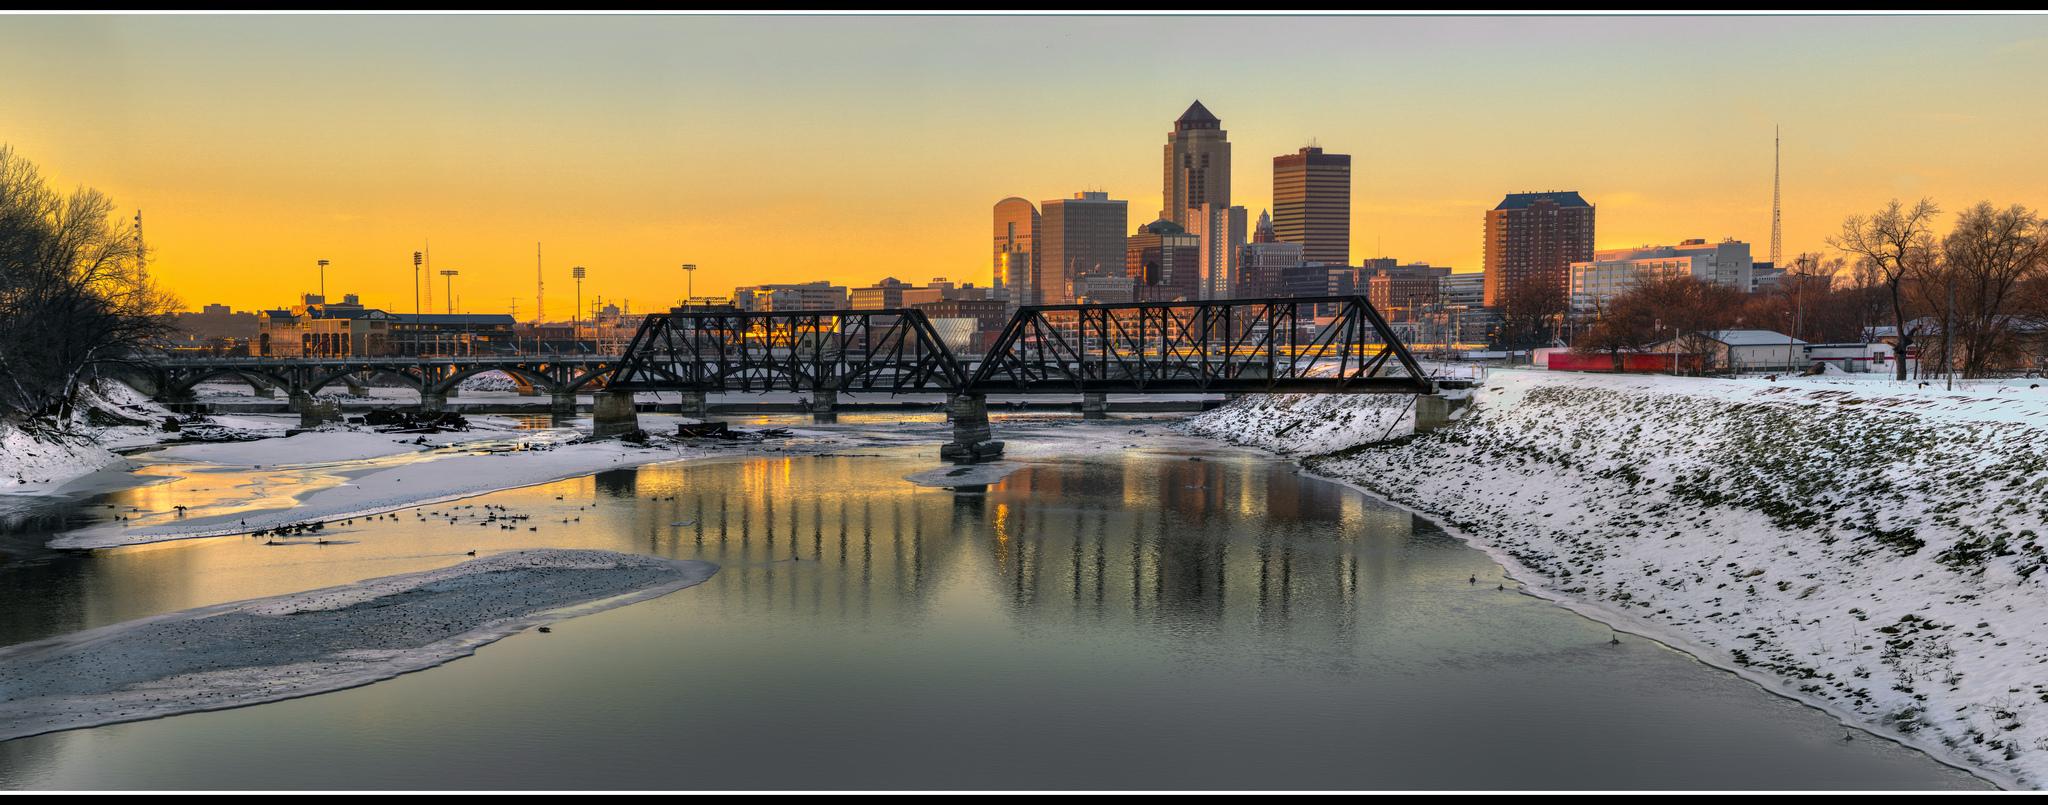 DSM winter sunset